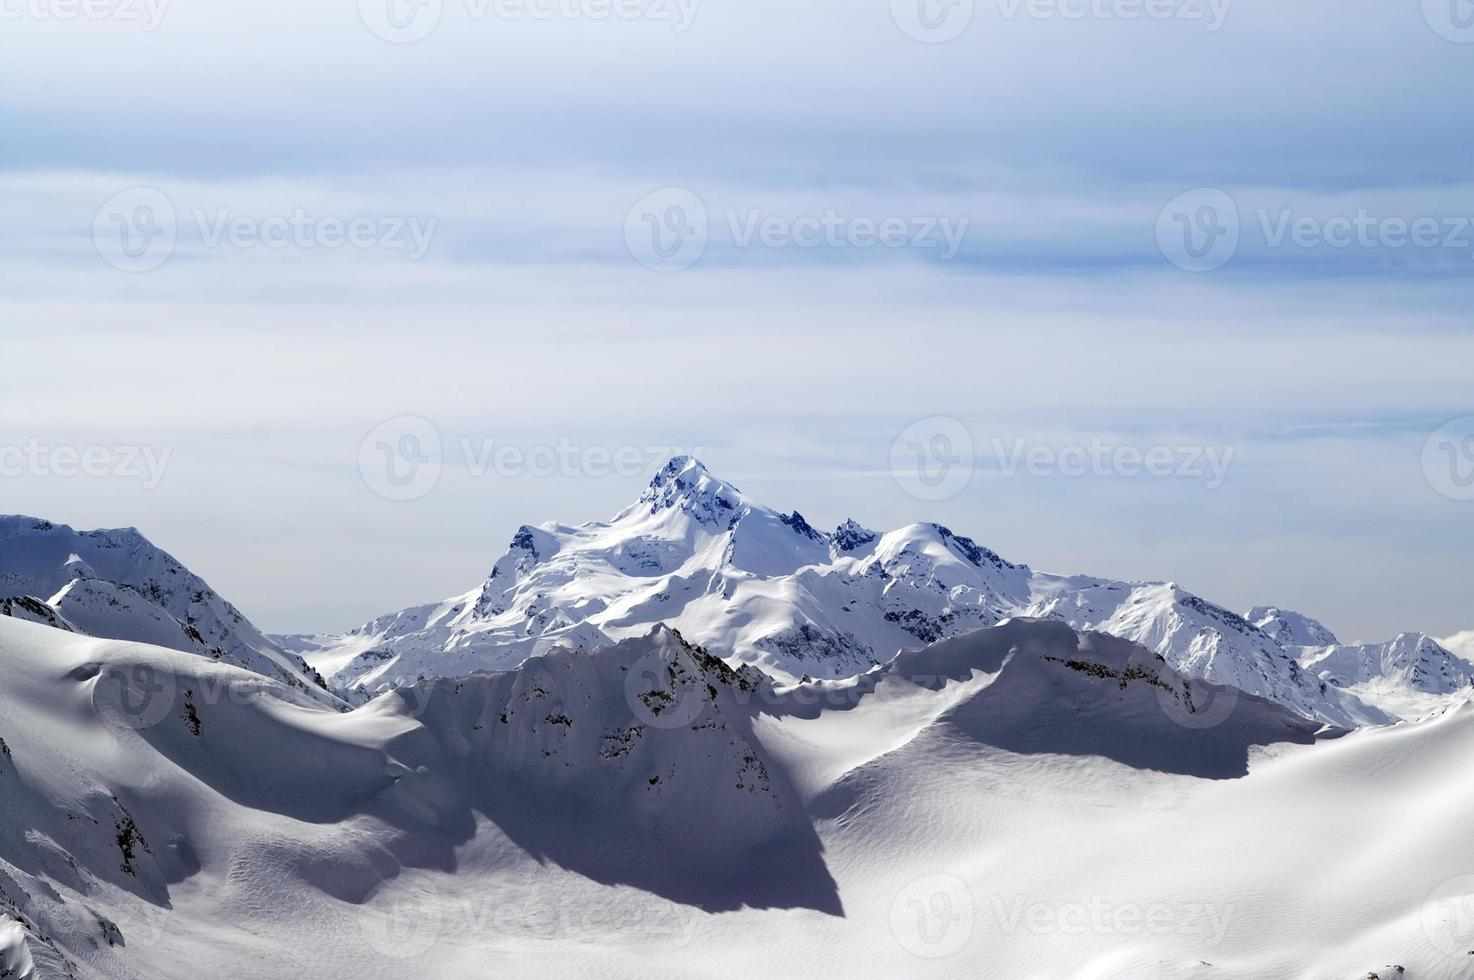 montagnes d'hiver enneigées. montagnes du Caucase photo